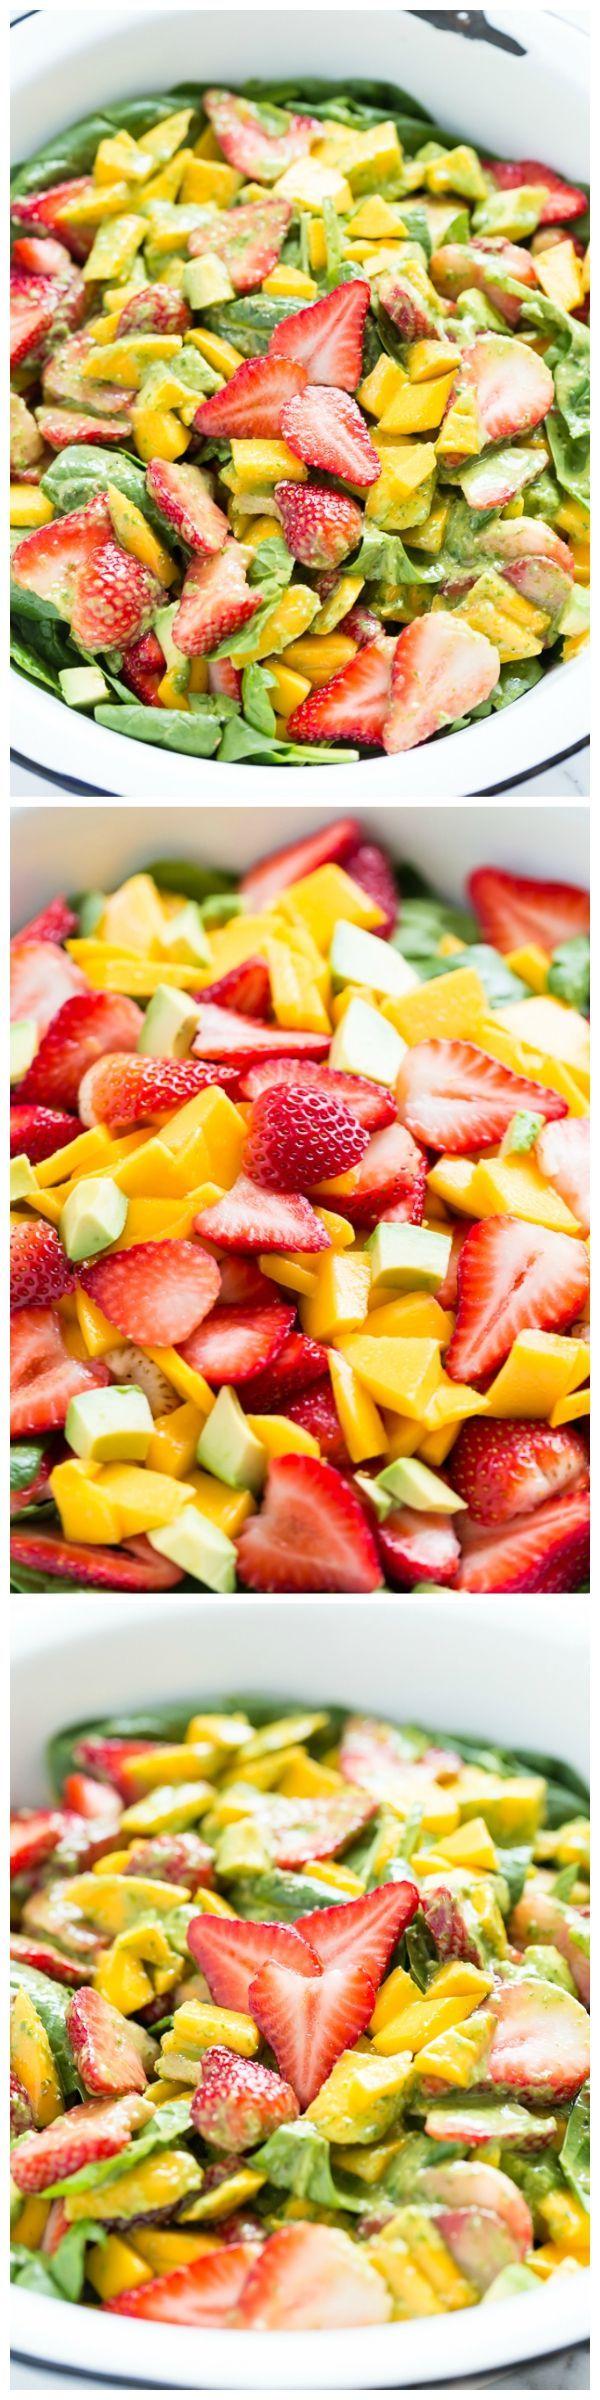 Strawberry Mango Spinach Salad with Creamy Basil Dressing - a fresh ...